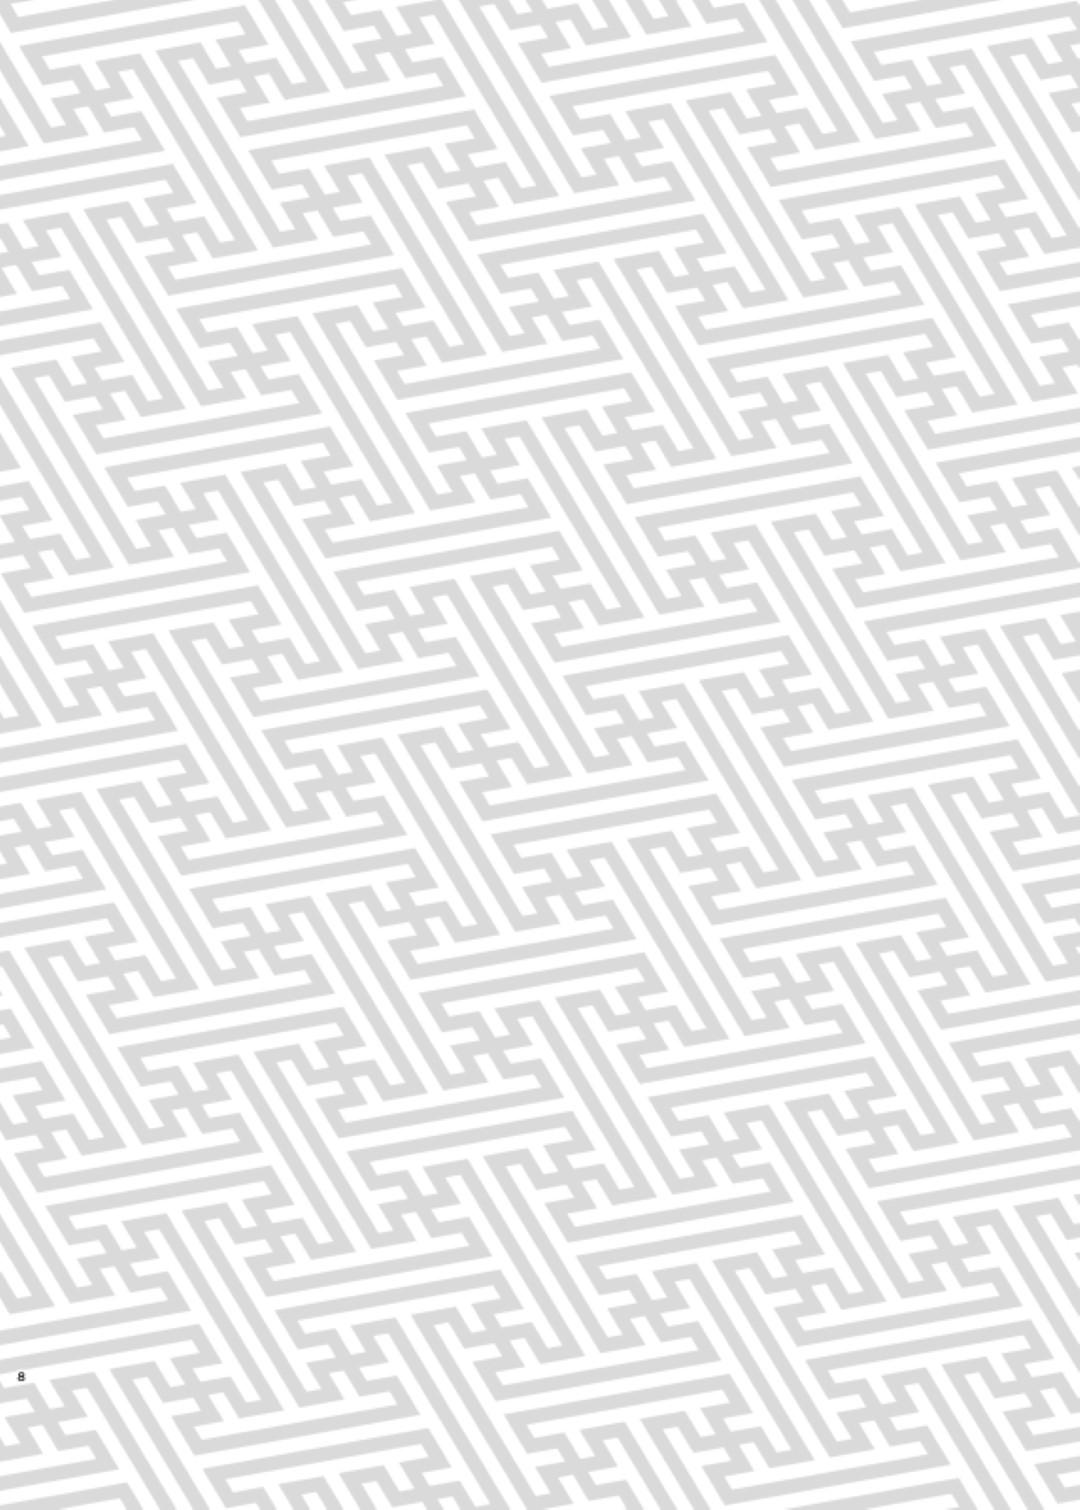 蓮巳と鬼龍がエッチしている所を見て勃起した神崎…教室で厭らしい事をしていた2人を注意するも勃起した事がバレバレな神崎はダブルフェラで抜いてもらうと3Pアナルセックスでアクメする!